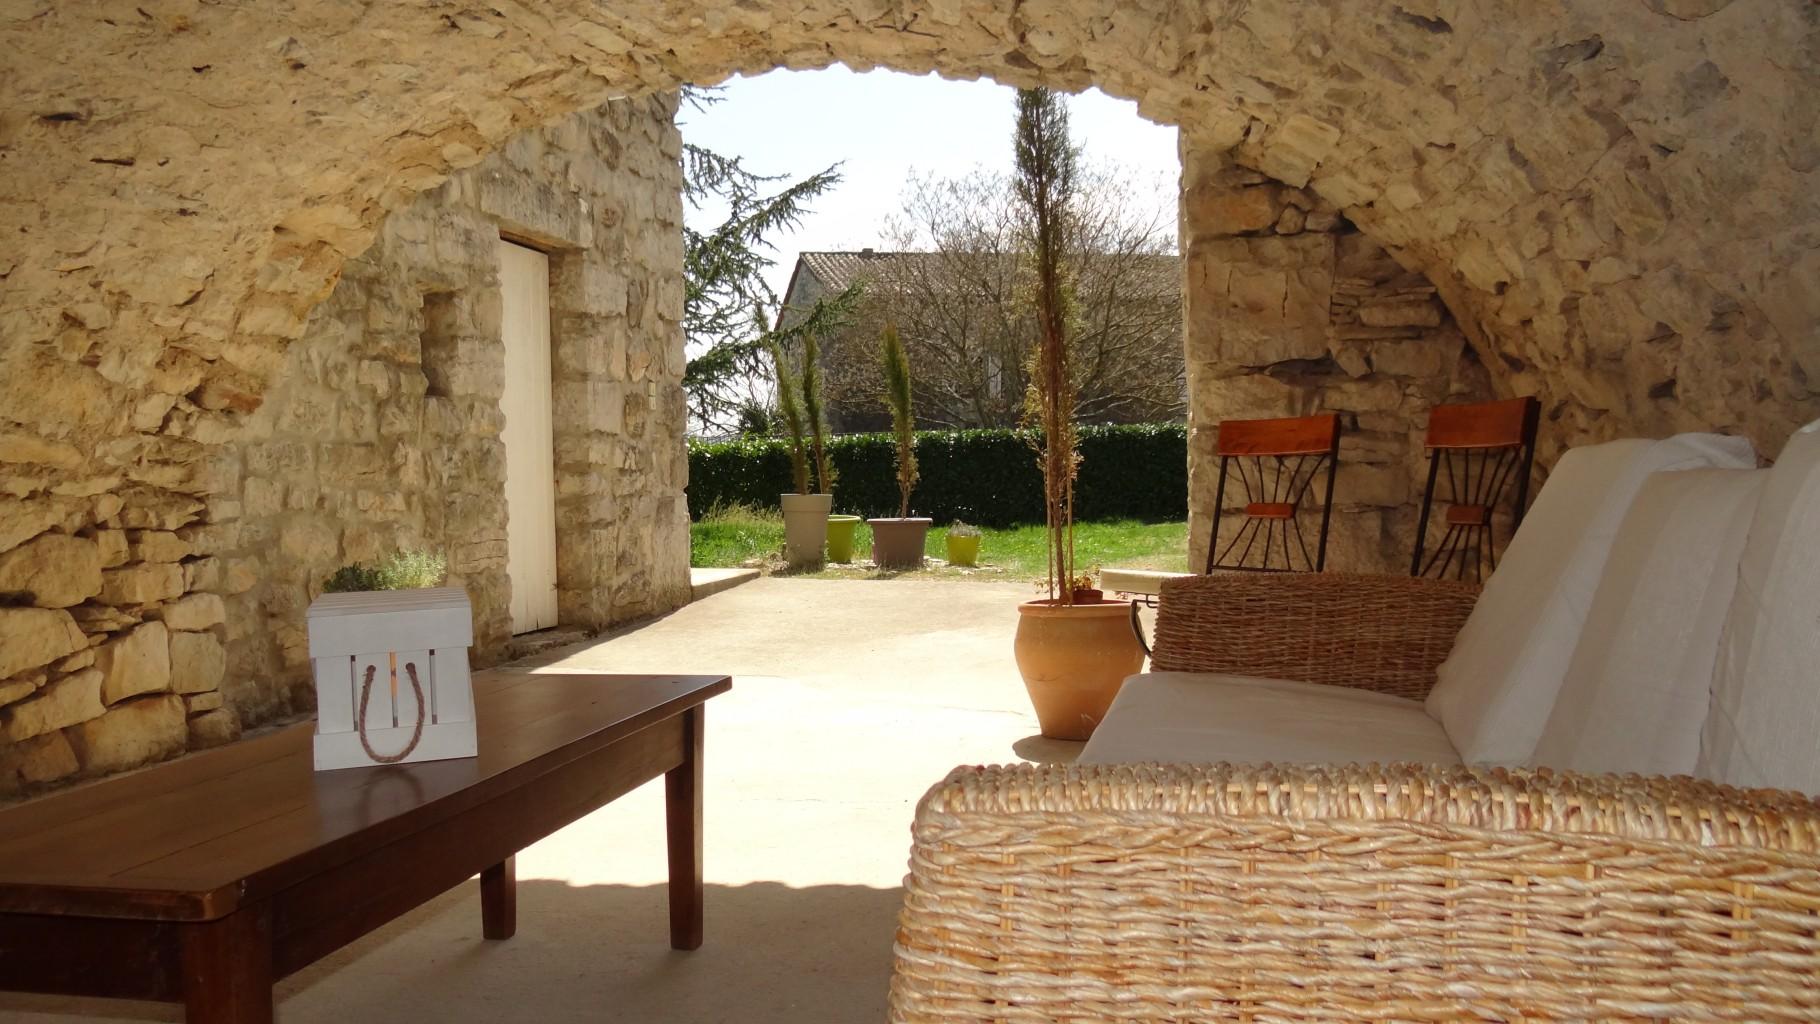 photo patio extrieur patio exterieur daccoration idee deco exterieur surprenant petit patio. Black Bedroom Furniture Sets. Home Design Ideas